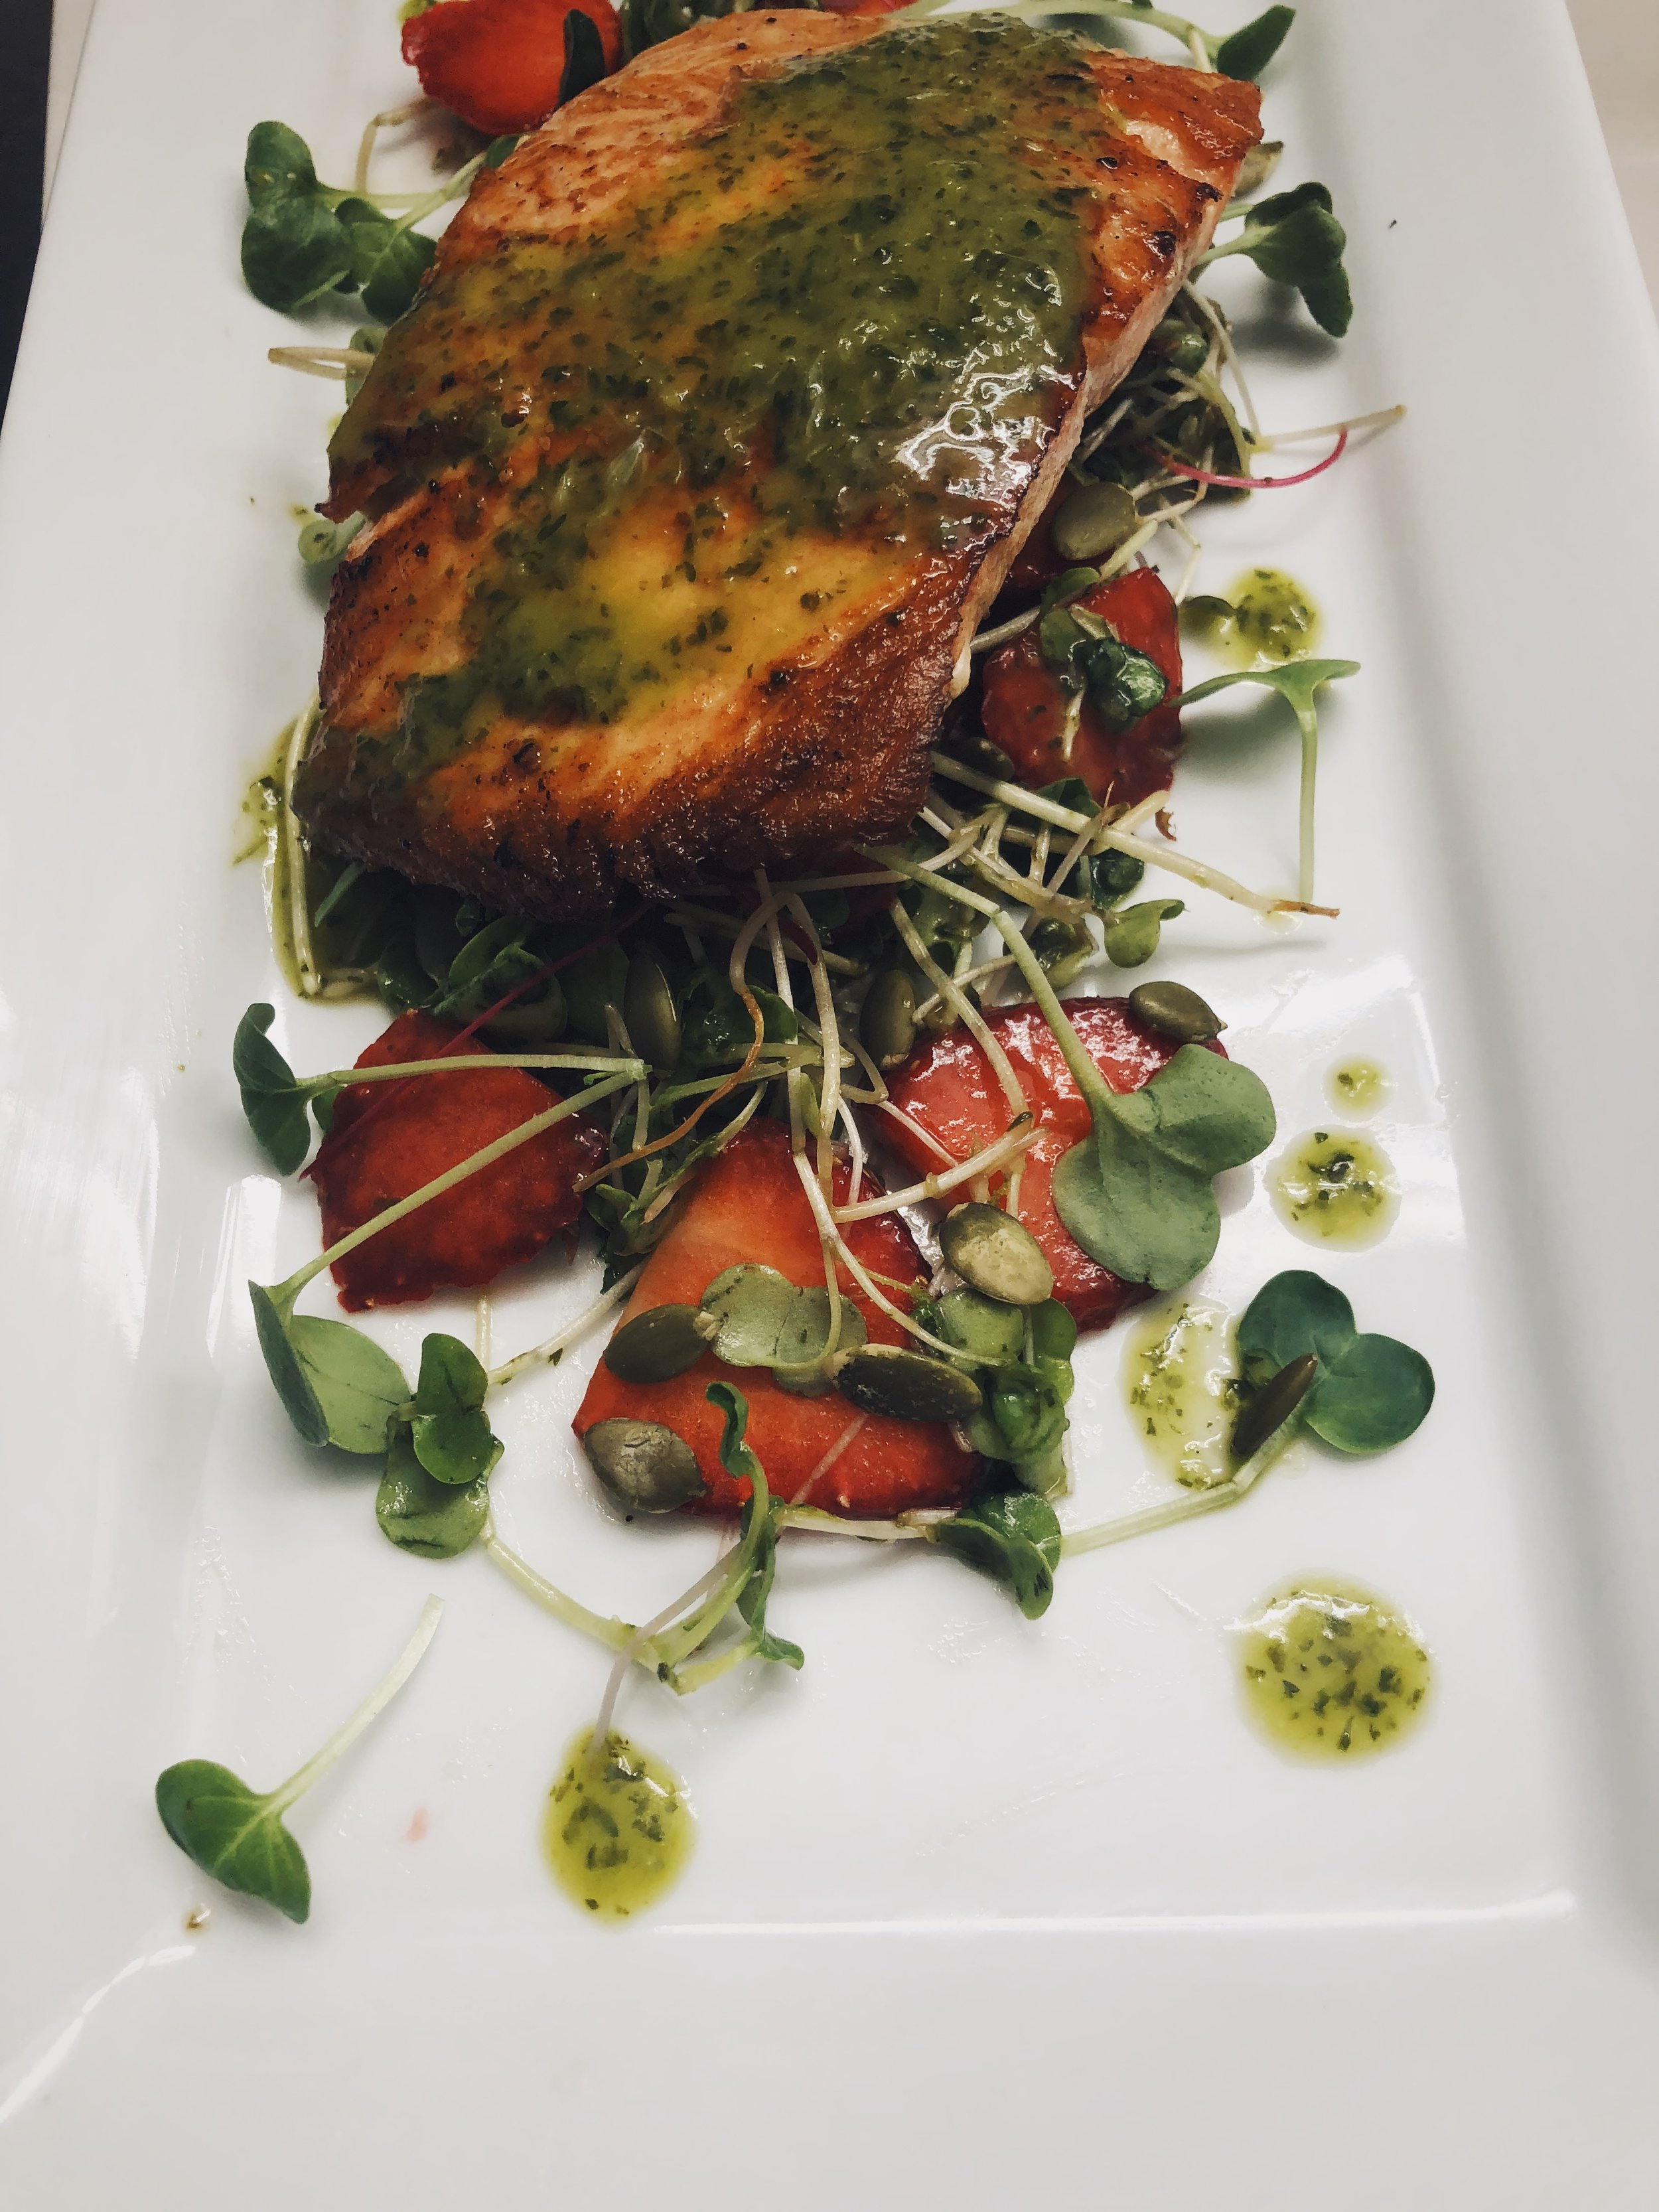 salmon with cilantro vinaigrette